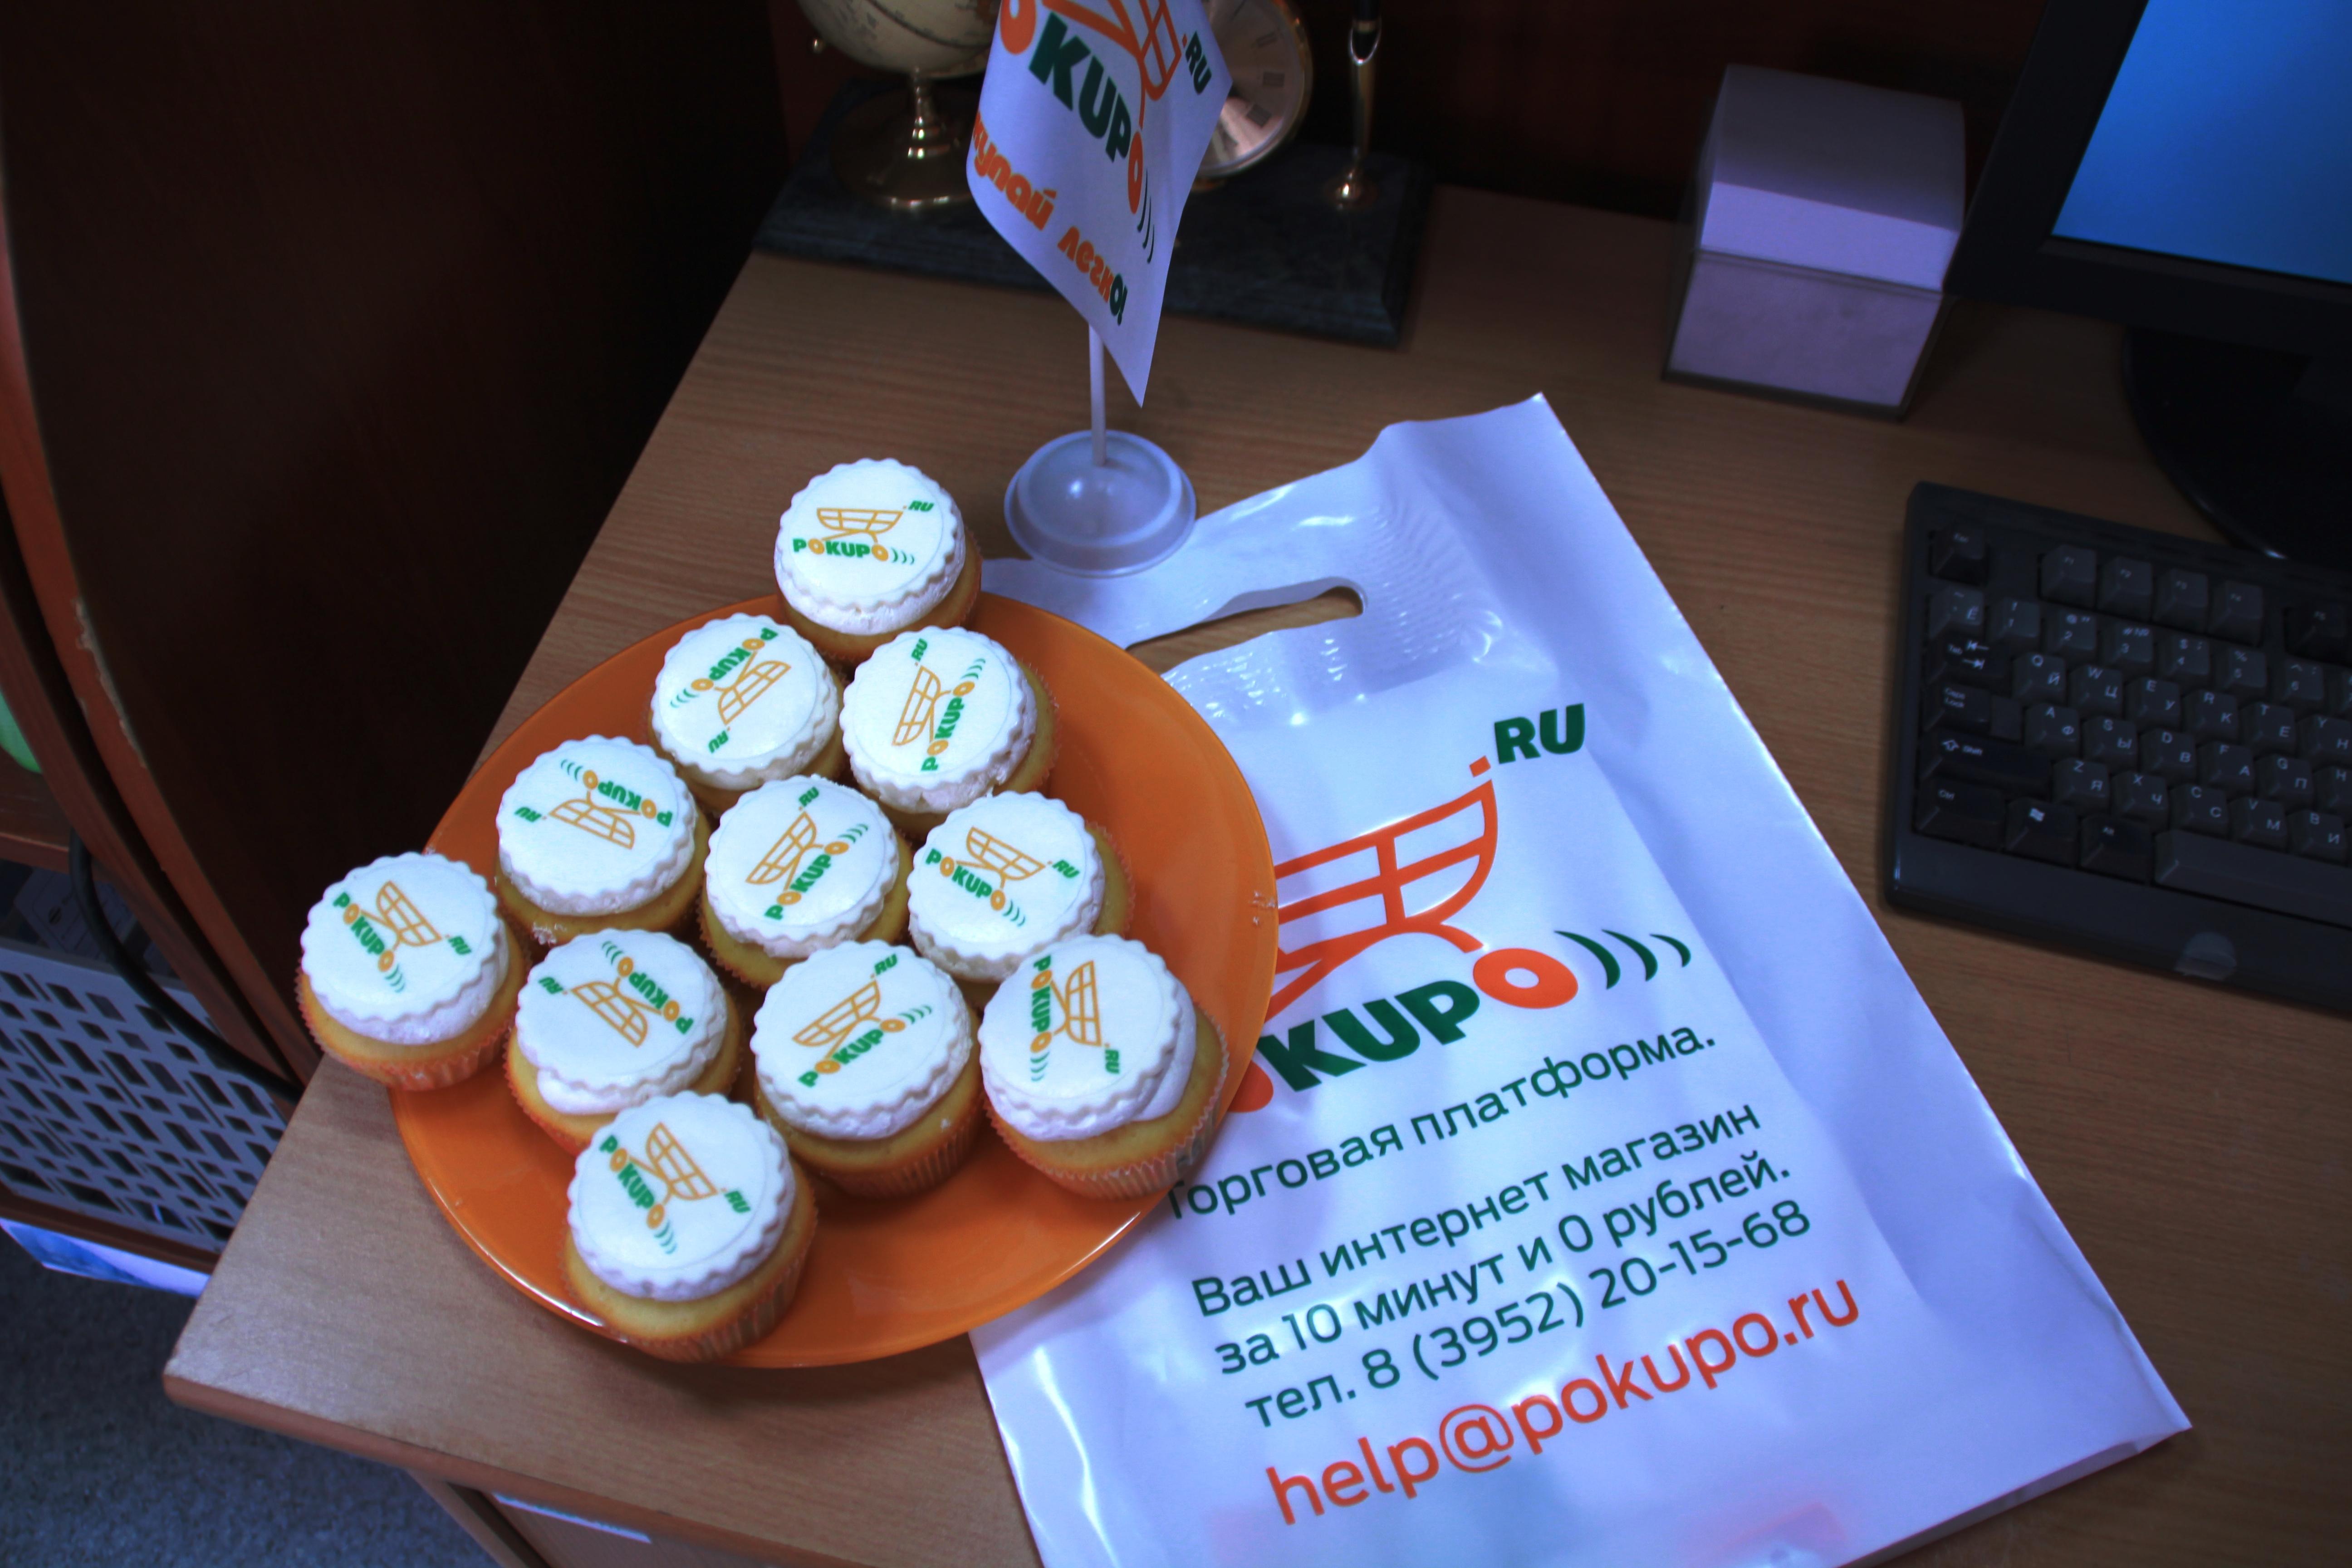 печеньки pokupo с интернет-магазином внутри